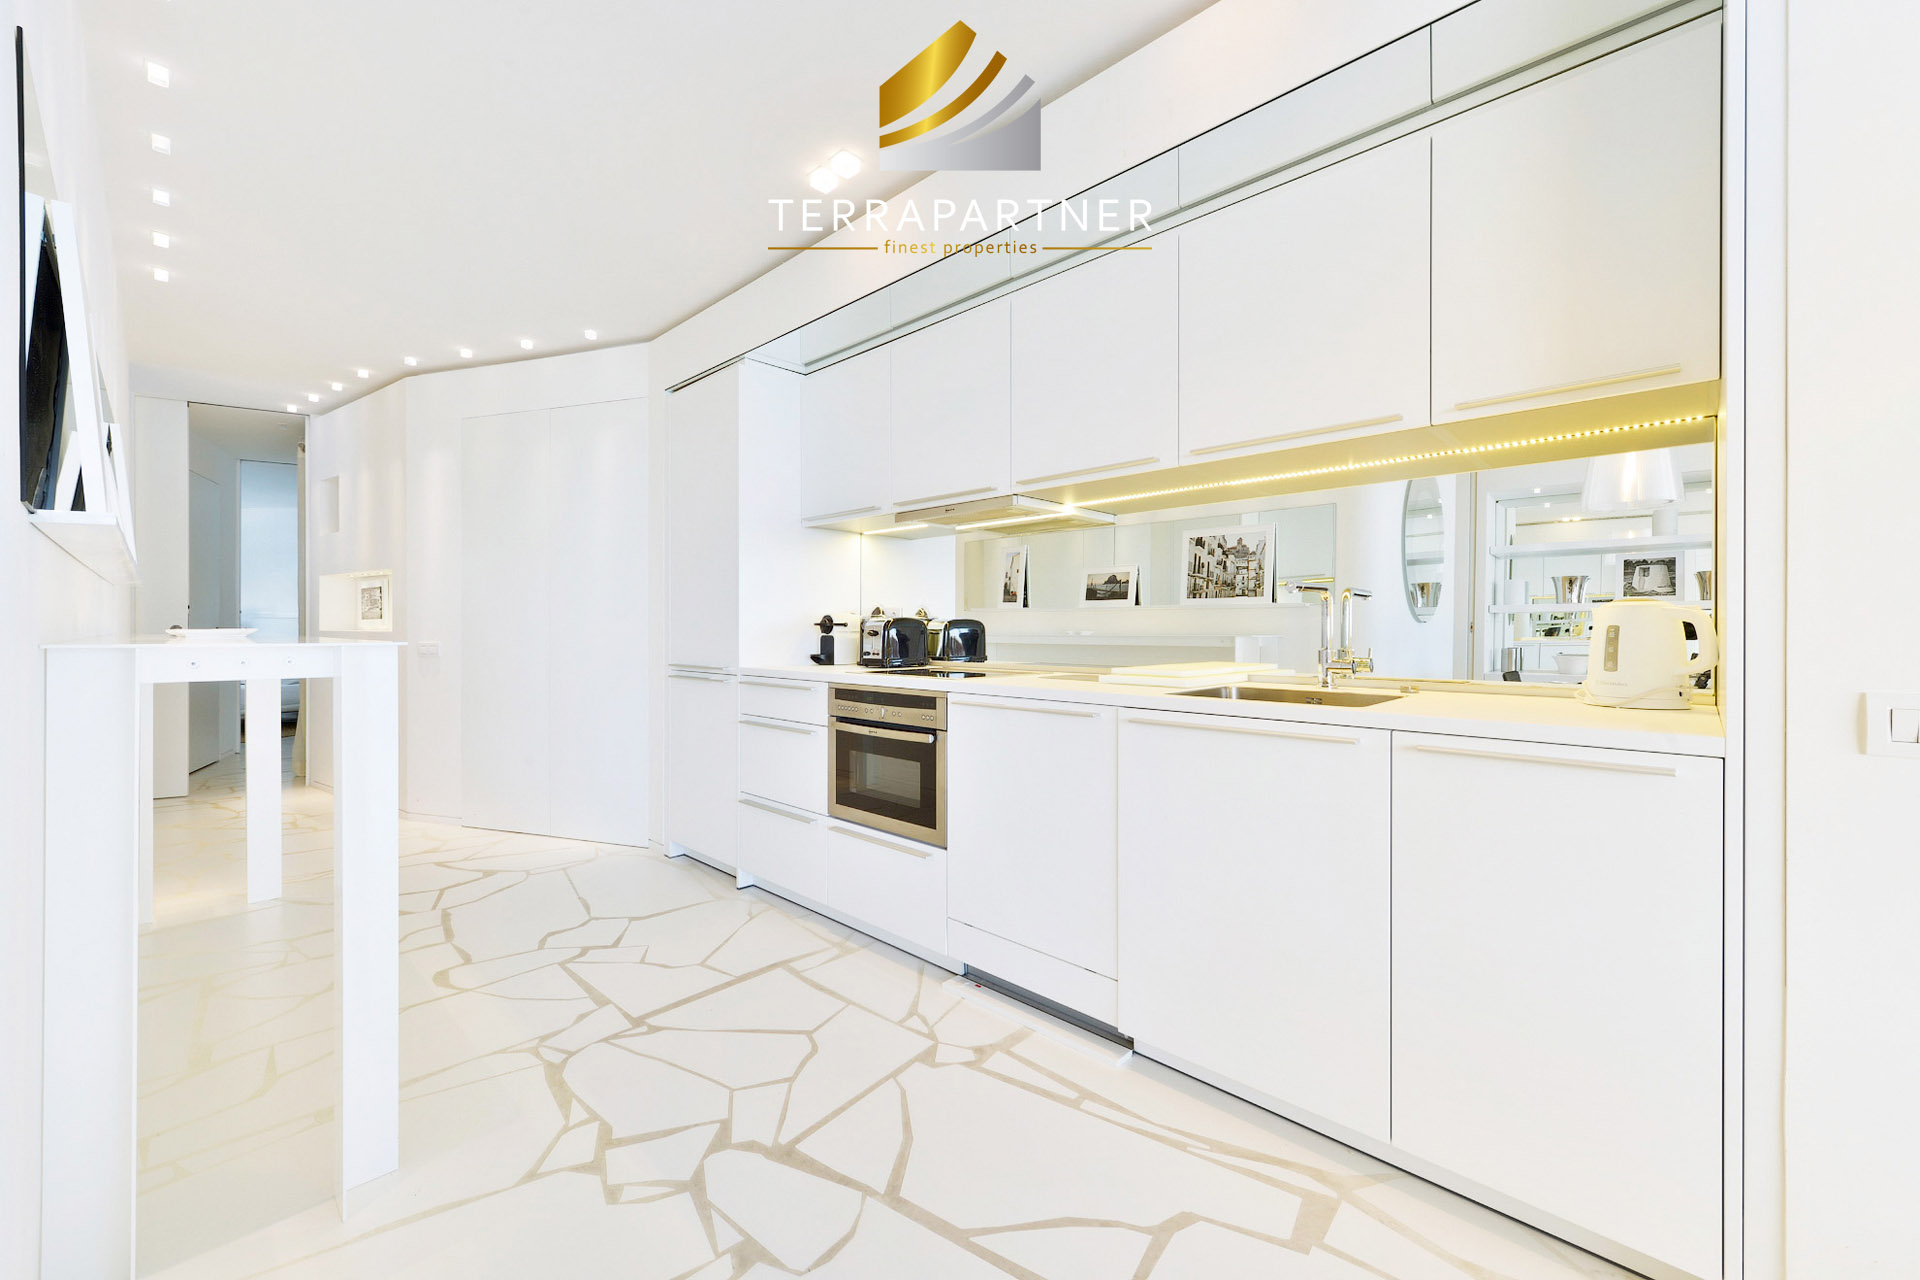 Design-Luxus-Apartments mit traumhaftem Blick direkt am Yachthafen